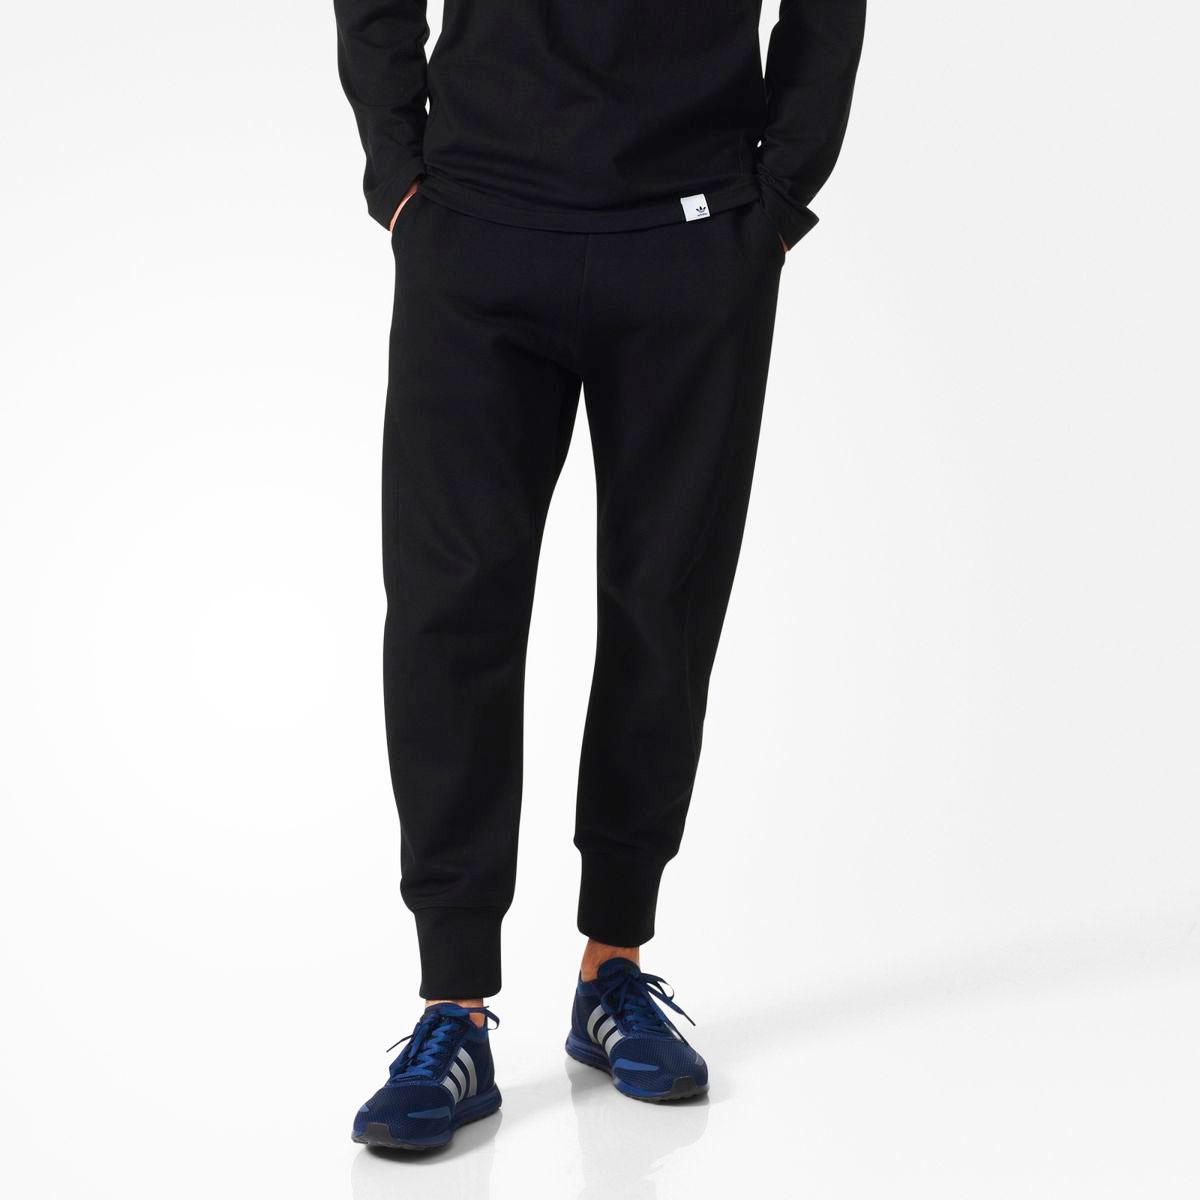 f796d5e18d ... adidas Originals XBYO SWEAT PANTS (Adidas originals XBYO sweat shirt  underwear) Black 18SS- ...